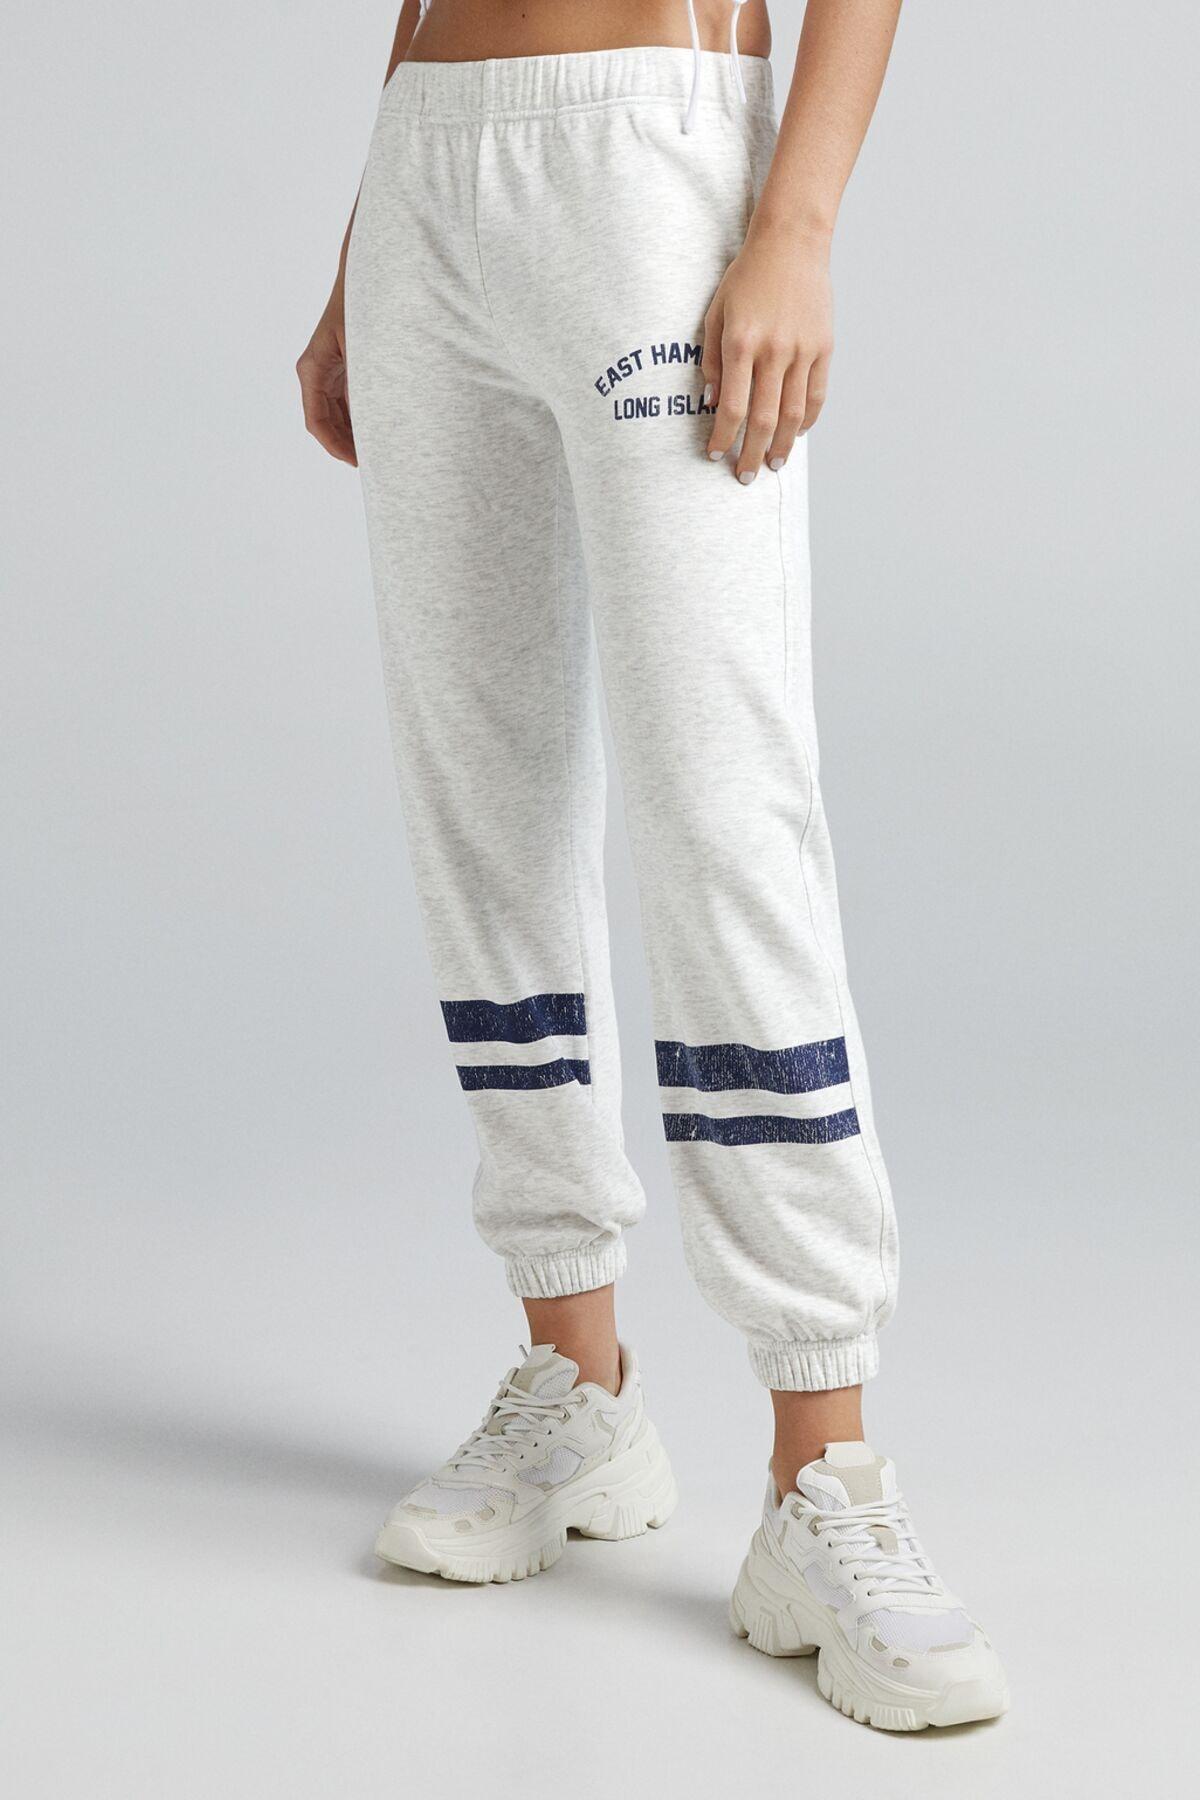 Bershka Low Waist Pamuklu Jogger Pantolon